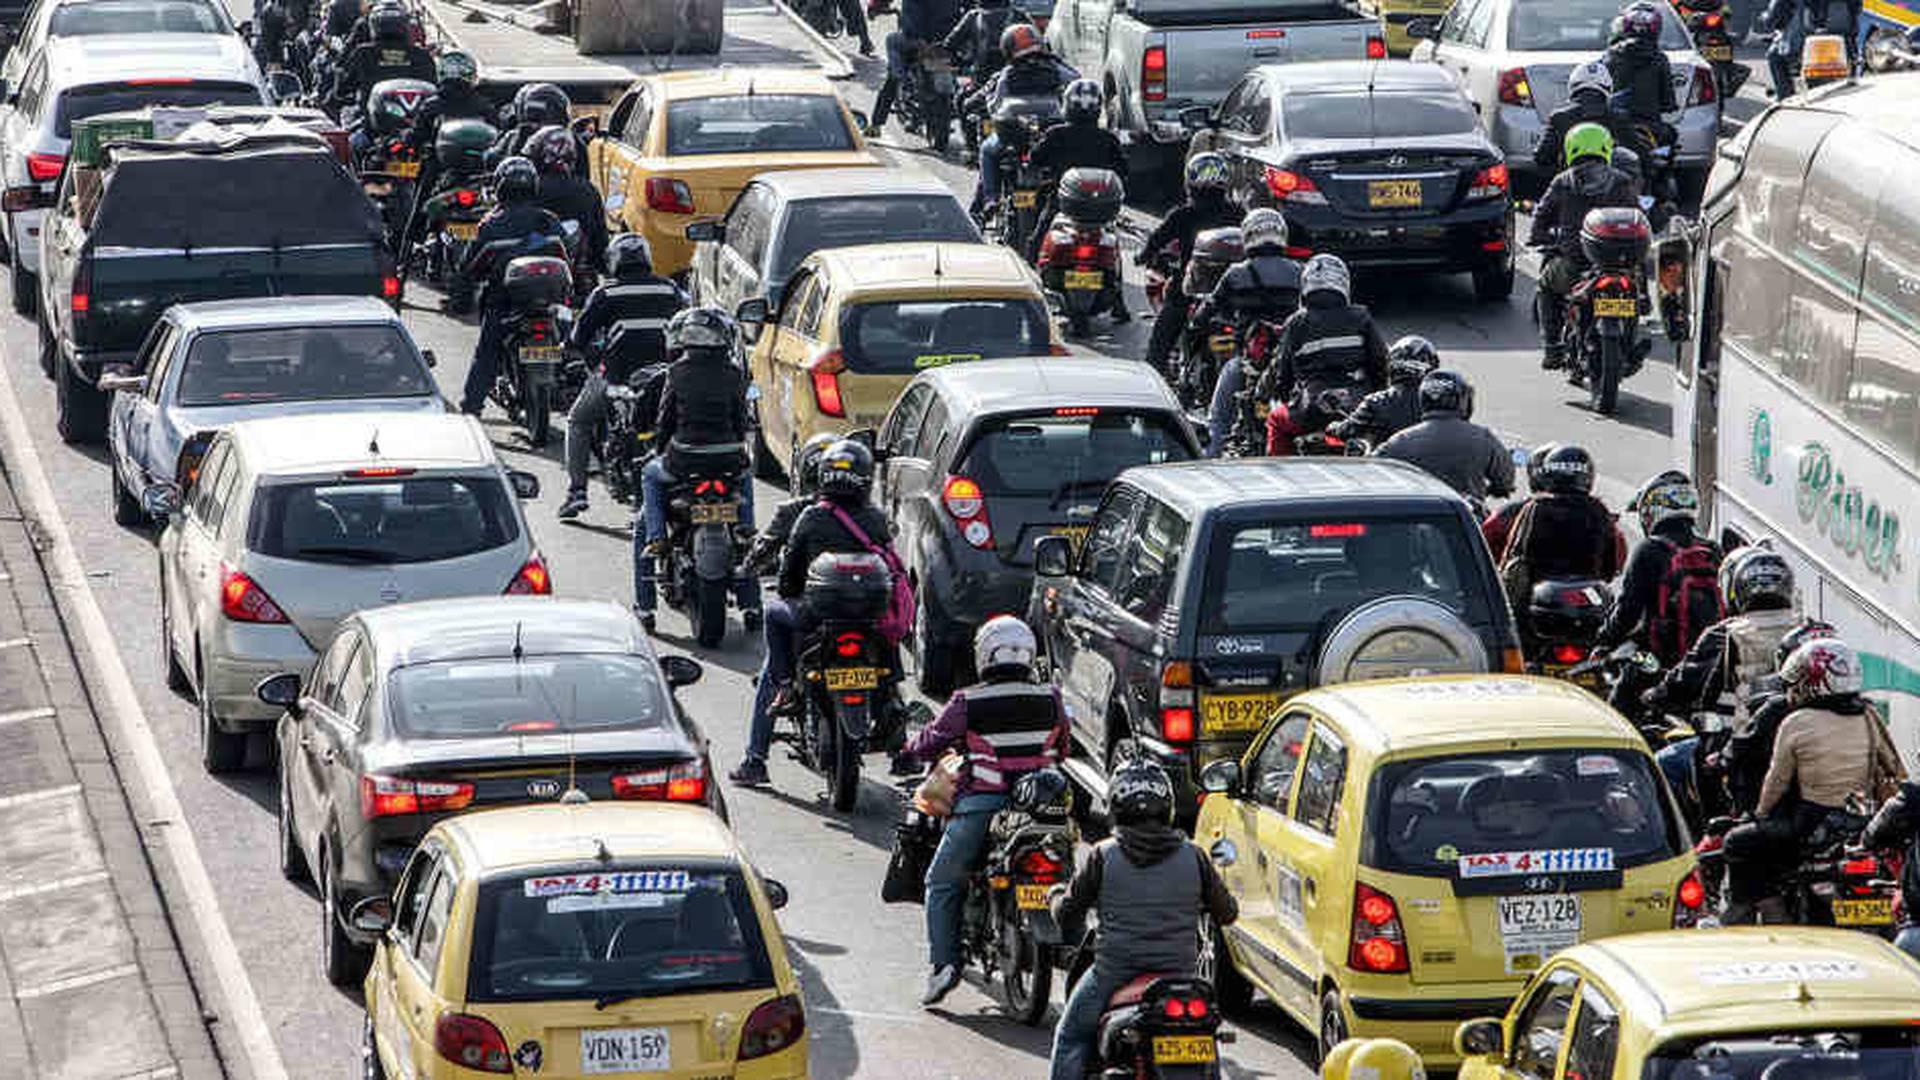 ¿Cuánto más aguantará la movilidad en Bogotá sin pico y placa?   Noticias hoy